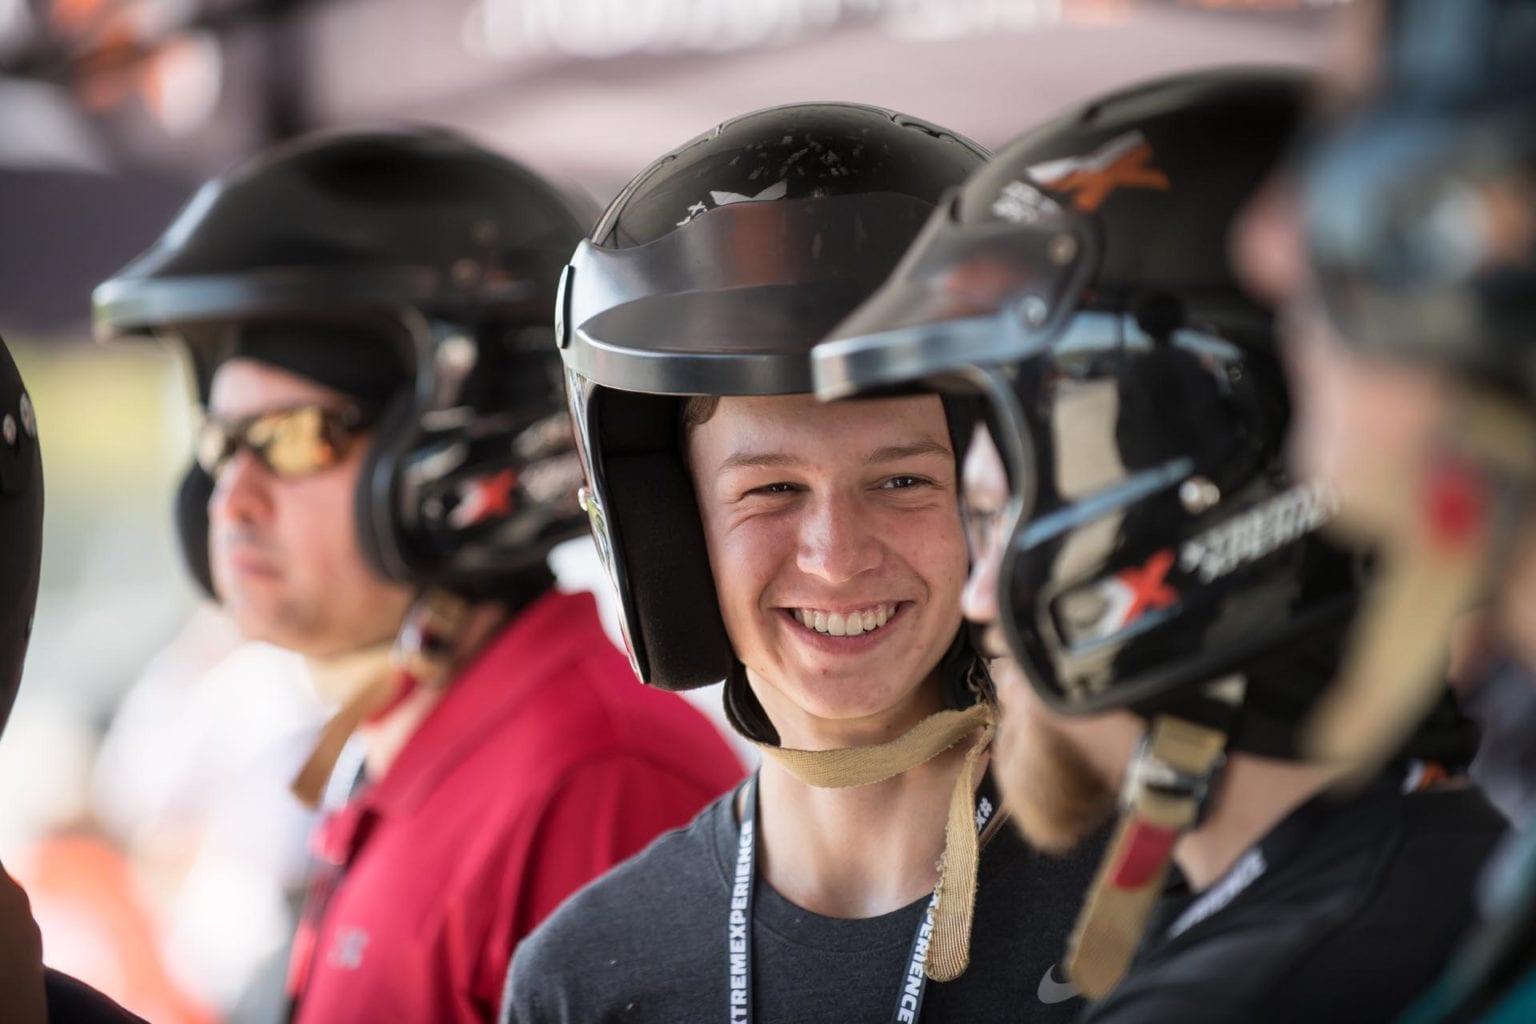 Smiling man in racing helmet